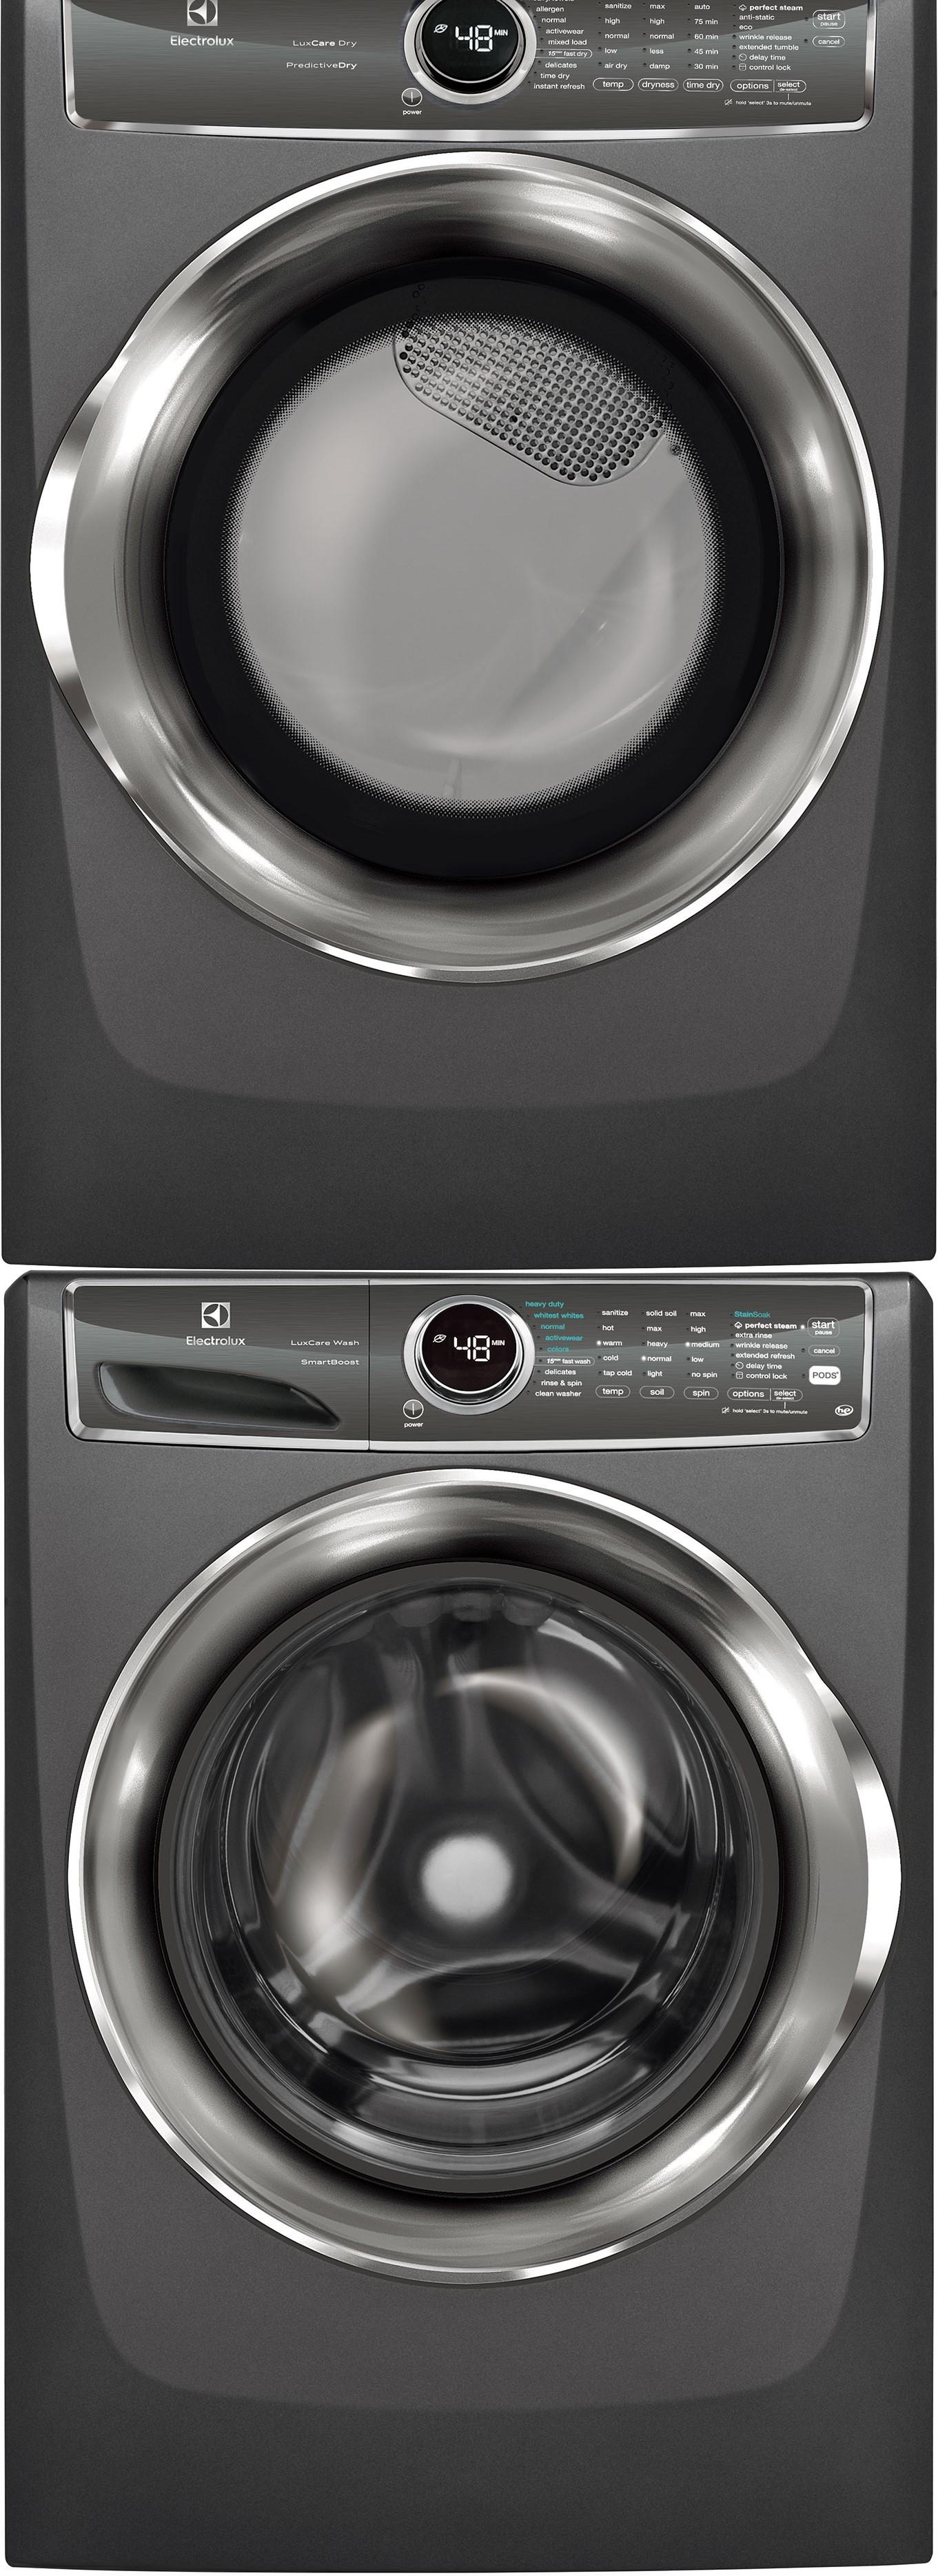 pedestal outlet laundry details electrolux sears d jsp titanium product drawer prod w